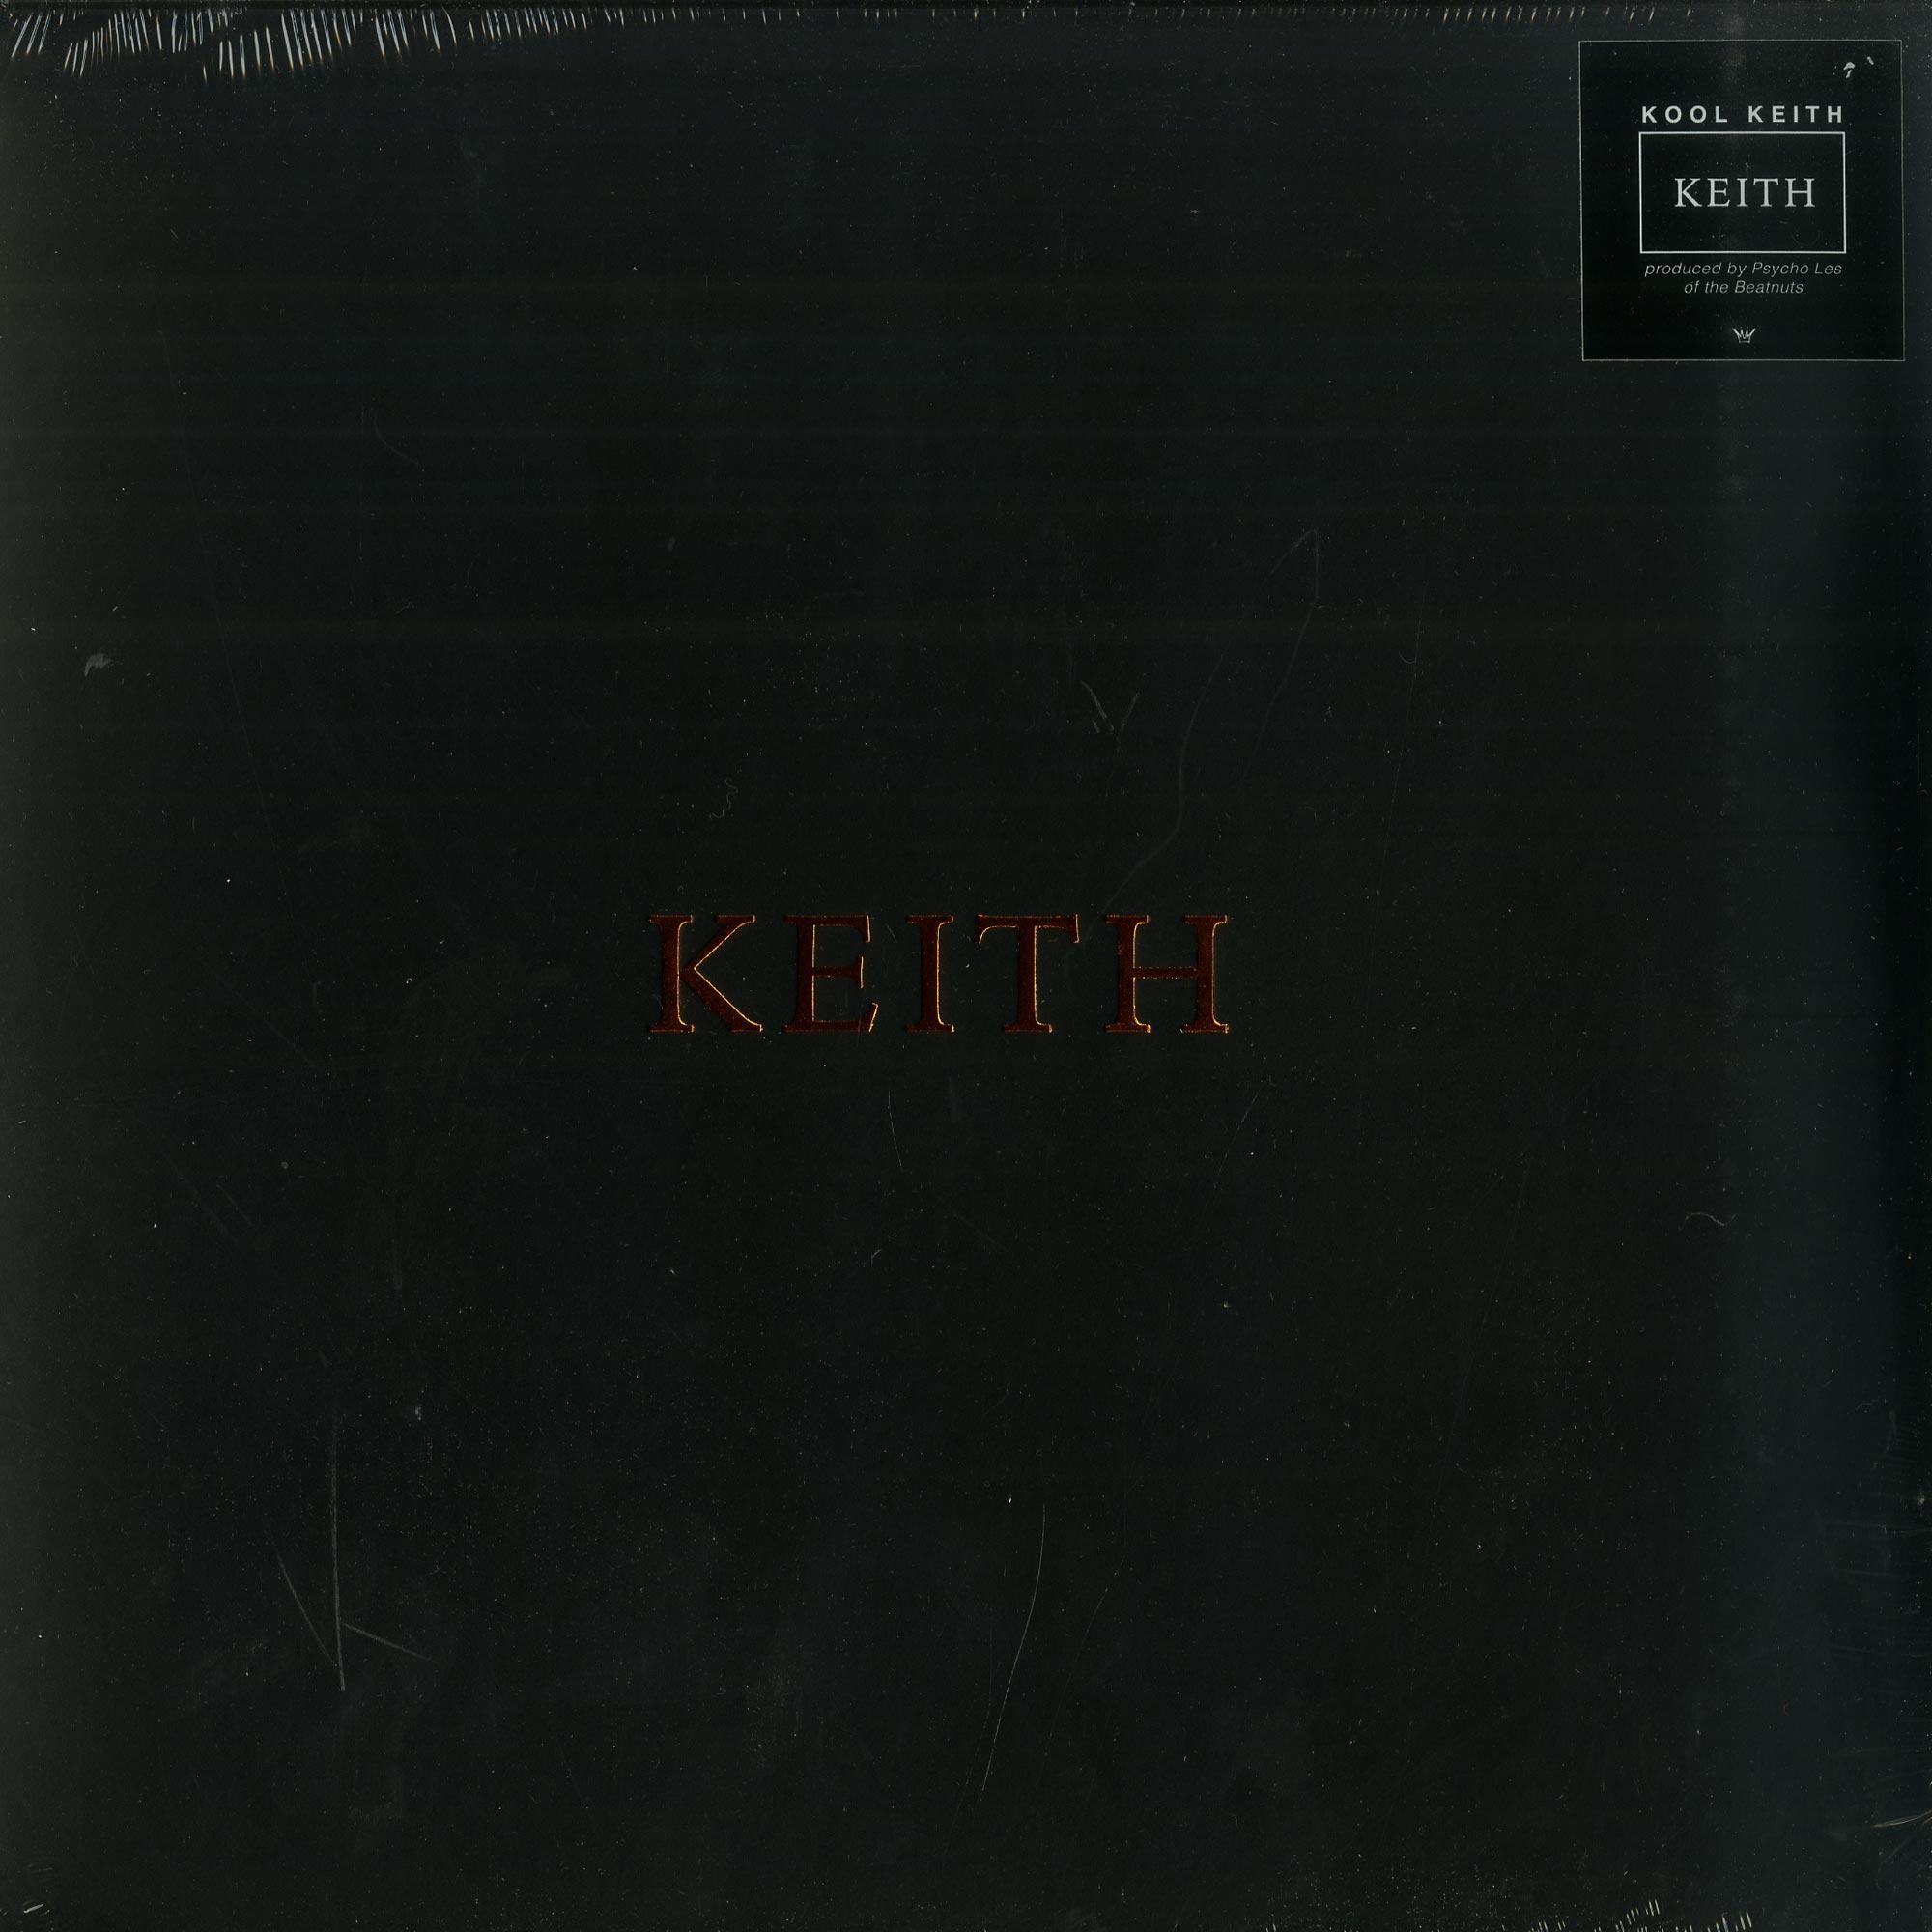 Kool Keith - KEITH